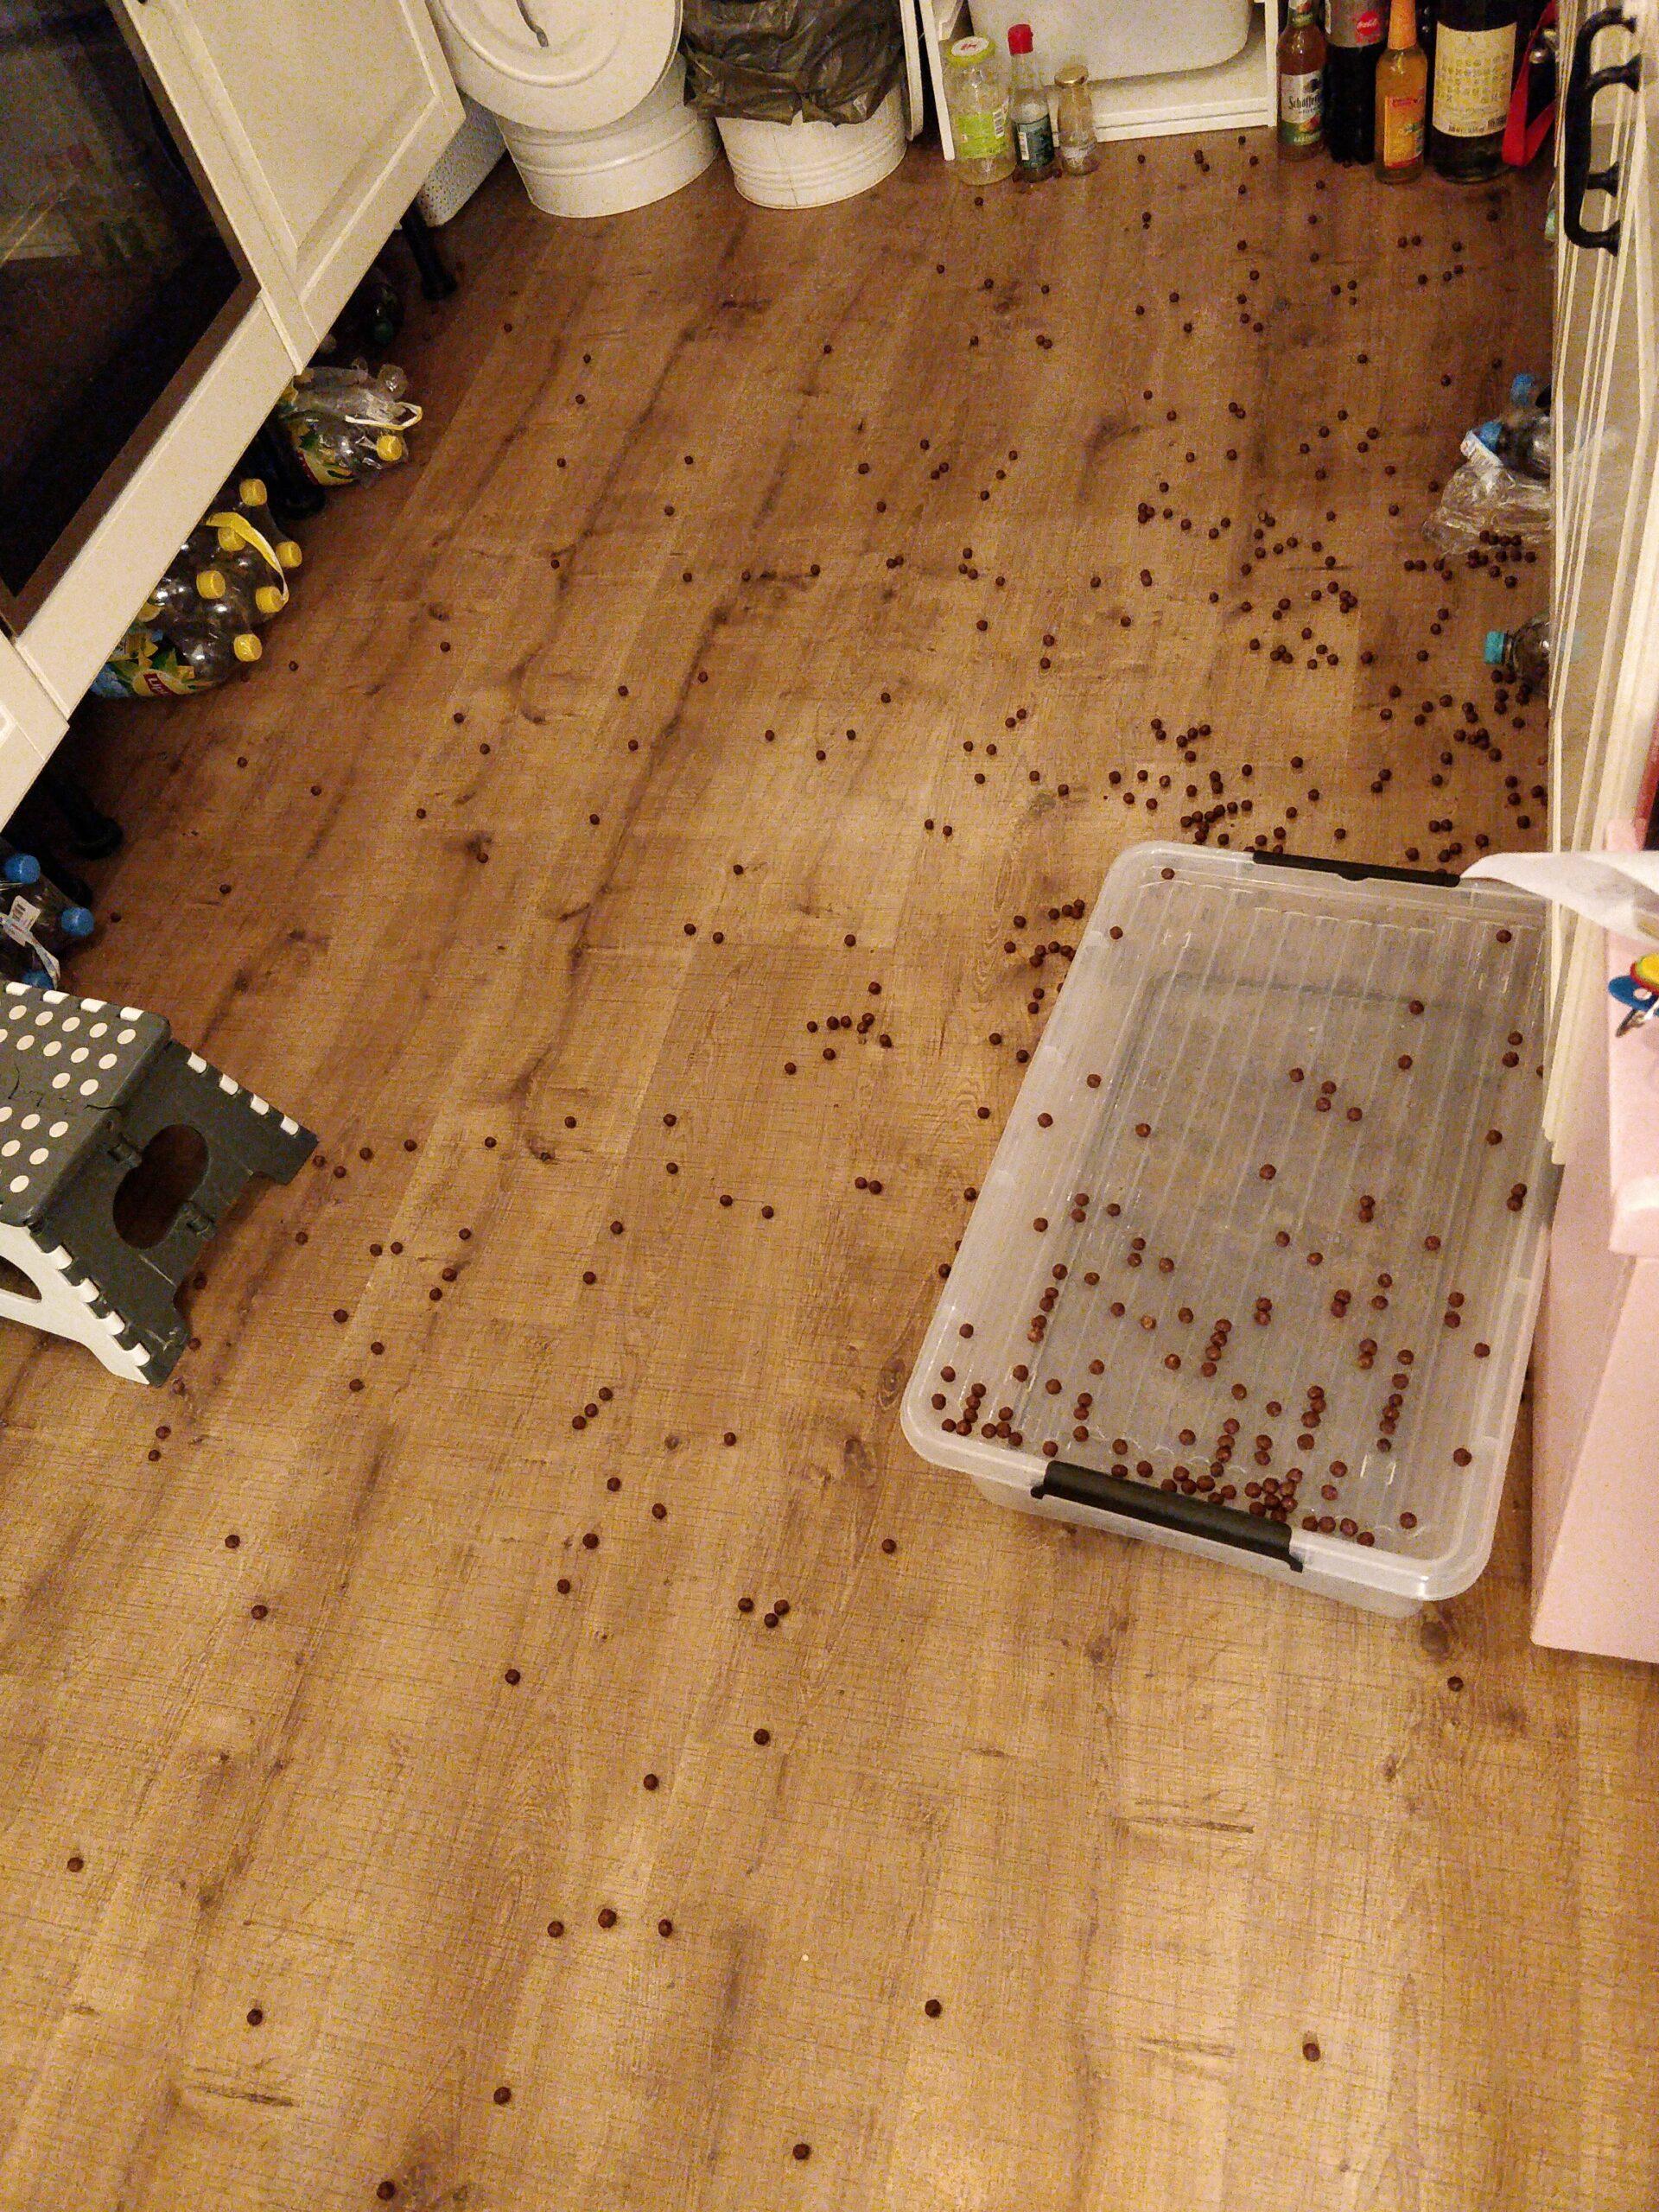 Viel Müsli auf dem Boden in der Küche